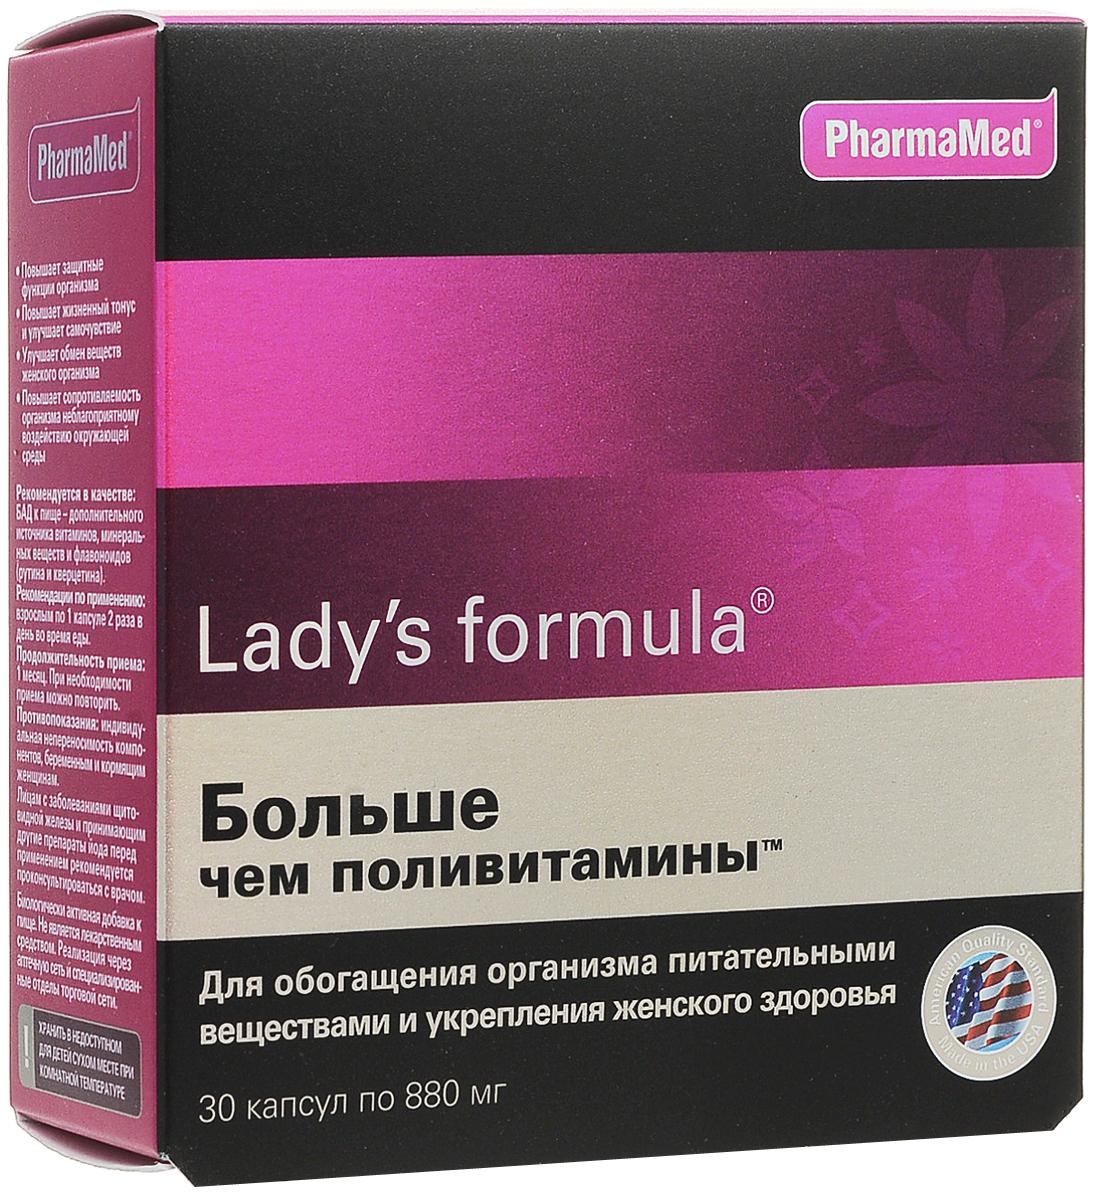 Витаминный комплекс Леди-С Формула Больше чем поливитамины, 30 шт x 880 мг217515Витаминно-минеральный комплекс Леди-С Формула Больше чем поливитамины на основе лекарственных растений. Дополнительный прием витаминно-минеральных препаратов необходим, поскольку при недостатке витаминов организм ослабевает, снижаются защитные силы и сопротивляемость инфекциям. При хронической витаминно-минеральной недостаточности возникает синдром хронической усталости, катастрофически падает работоспособность, растет раздражительность, что является также прямым симптомом стресса. Очень рекомендуются поливитамины ри синдроме хронической усталости (СХУ).Комплекс Больше, чем поливитамины не только компенсирует витаминную и минеральную недостаточность, обладает общеукрепляющим и тонизирующим действием, но и поддерживает нормальное состояние репродуктивной системы, улучшает гормональный баланс и регулирует менструальный цикл. Комплекс показан всем женщинам независимо от возраста. Повышает защитные функции организма . Повышает жизненный тонус и улучшает самочувствие Улучшает обмен веществ женского организма. Повышает сопротивляемость организма неблагоприятному воздействию окружающей среды.Повышает защитные функции организма;Повышает жизненный тонус и улучшает самочувствие;Предупреждает развитие женских болезней;Улучшает обмен веществ женского организма;Устраняет побочные действия гормональной контрацепции;Фармакологическое действие. Товар сертифицирован.